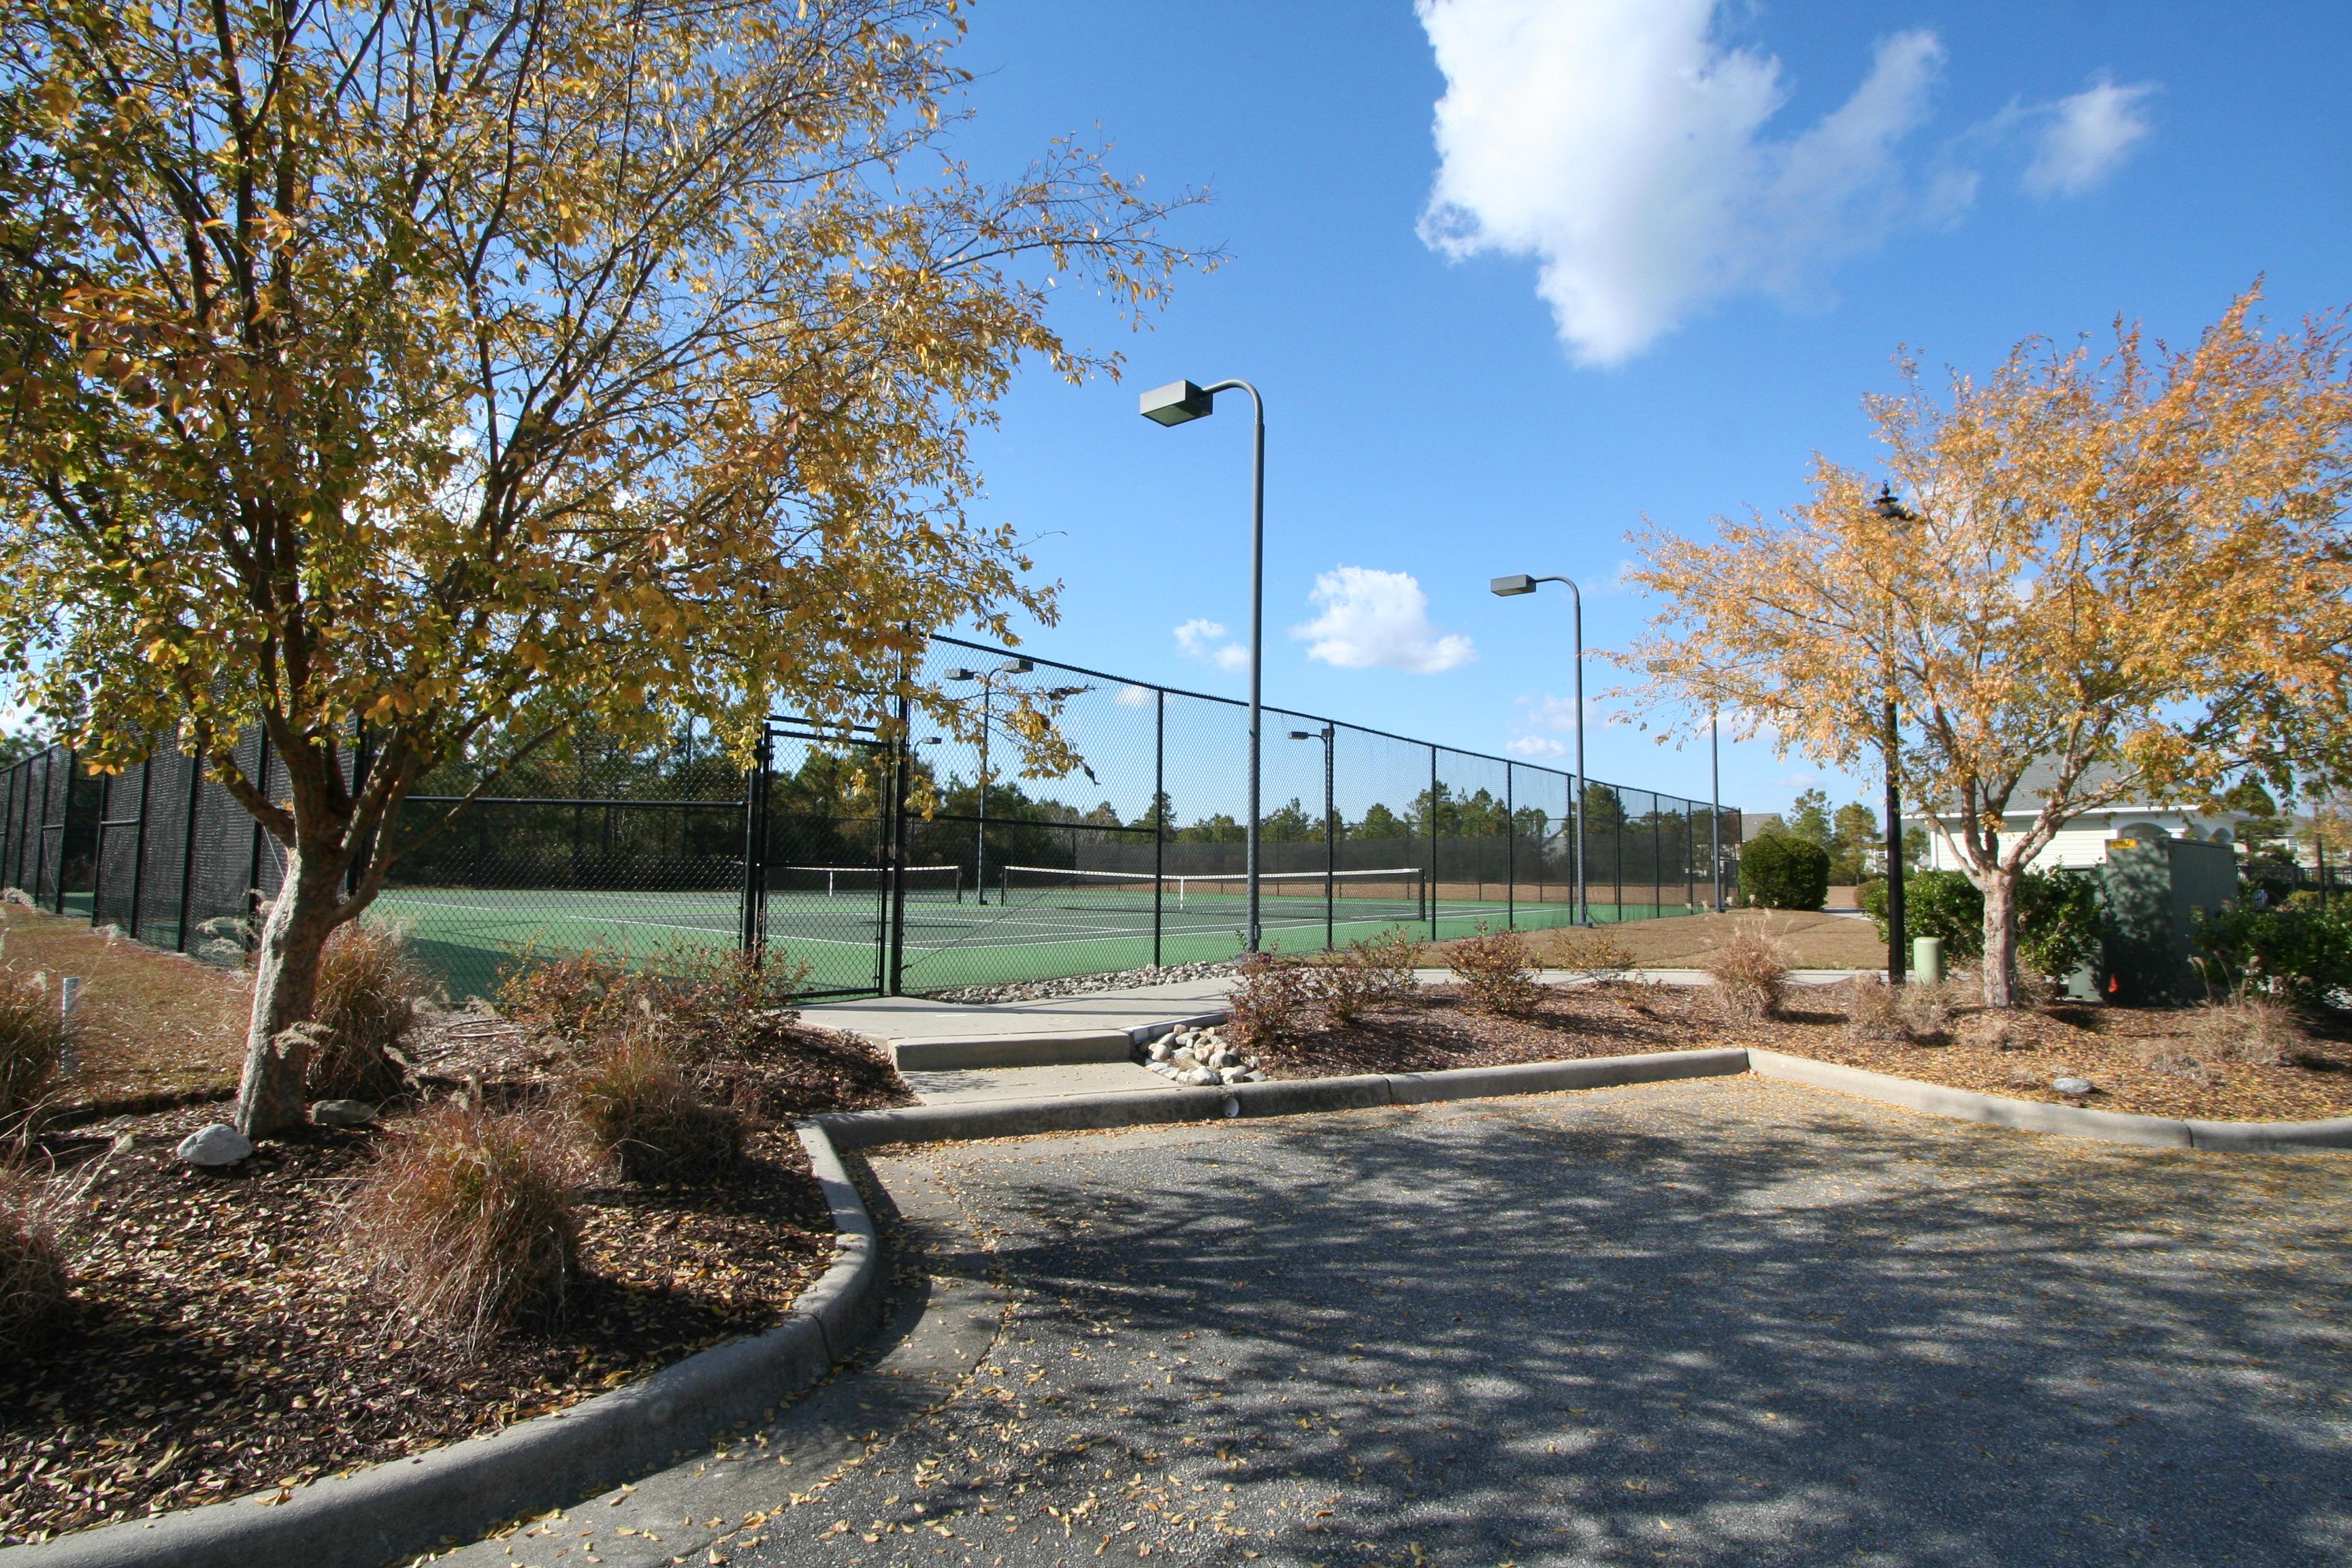 Grayson Park Leland, NC Tennis courts